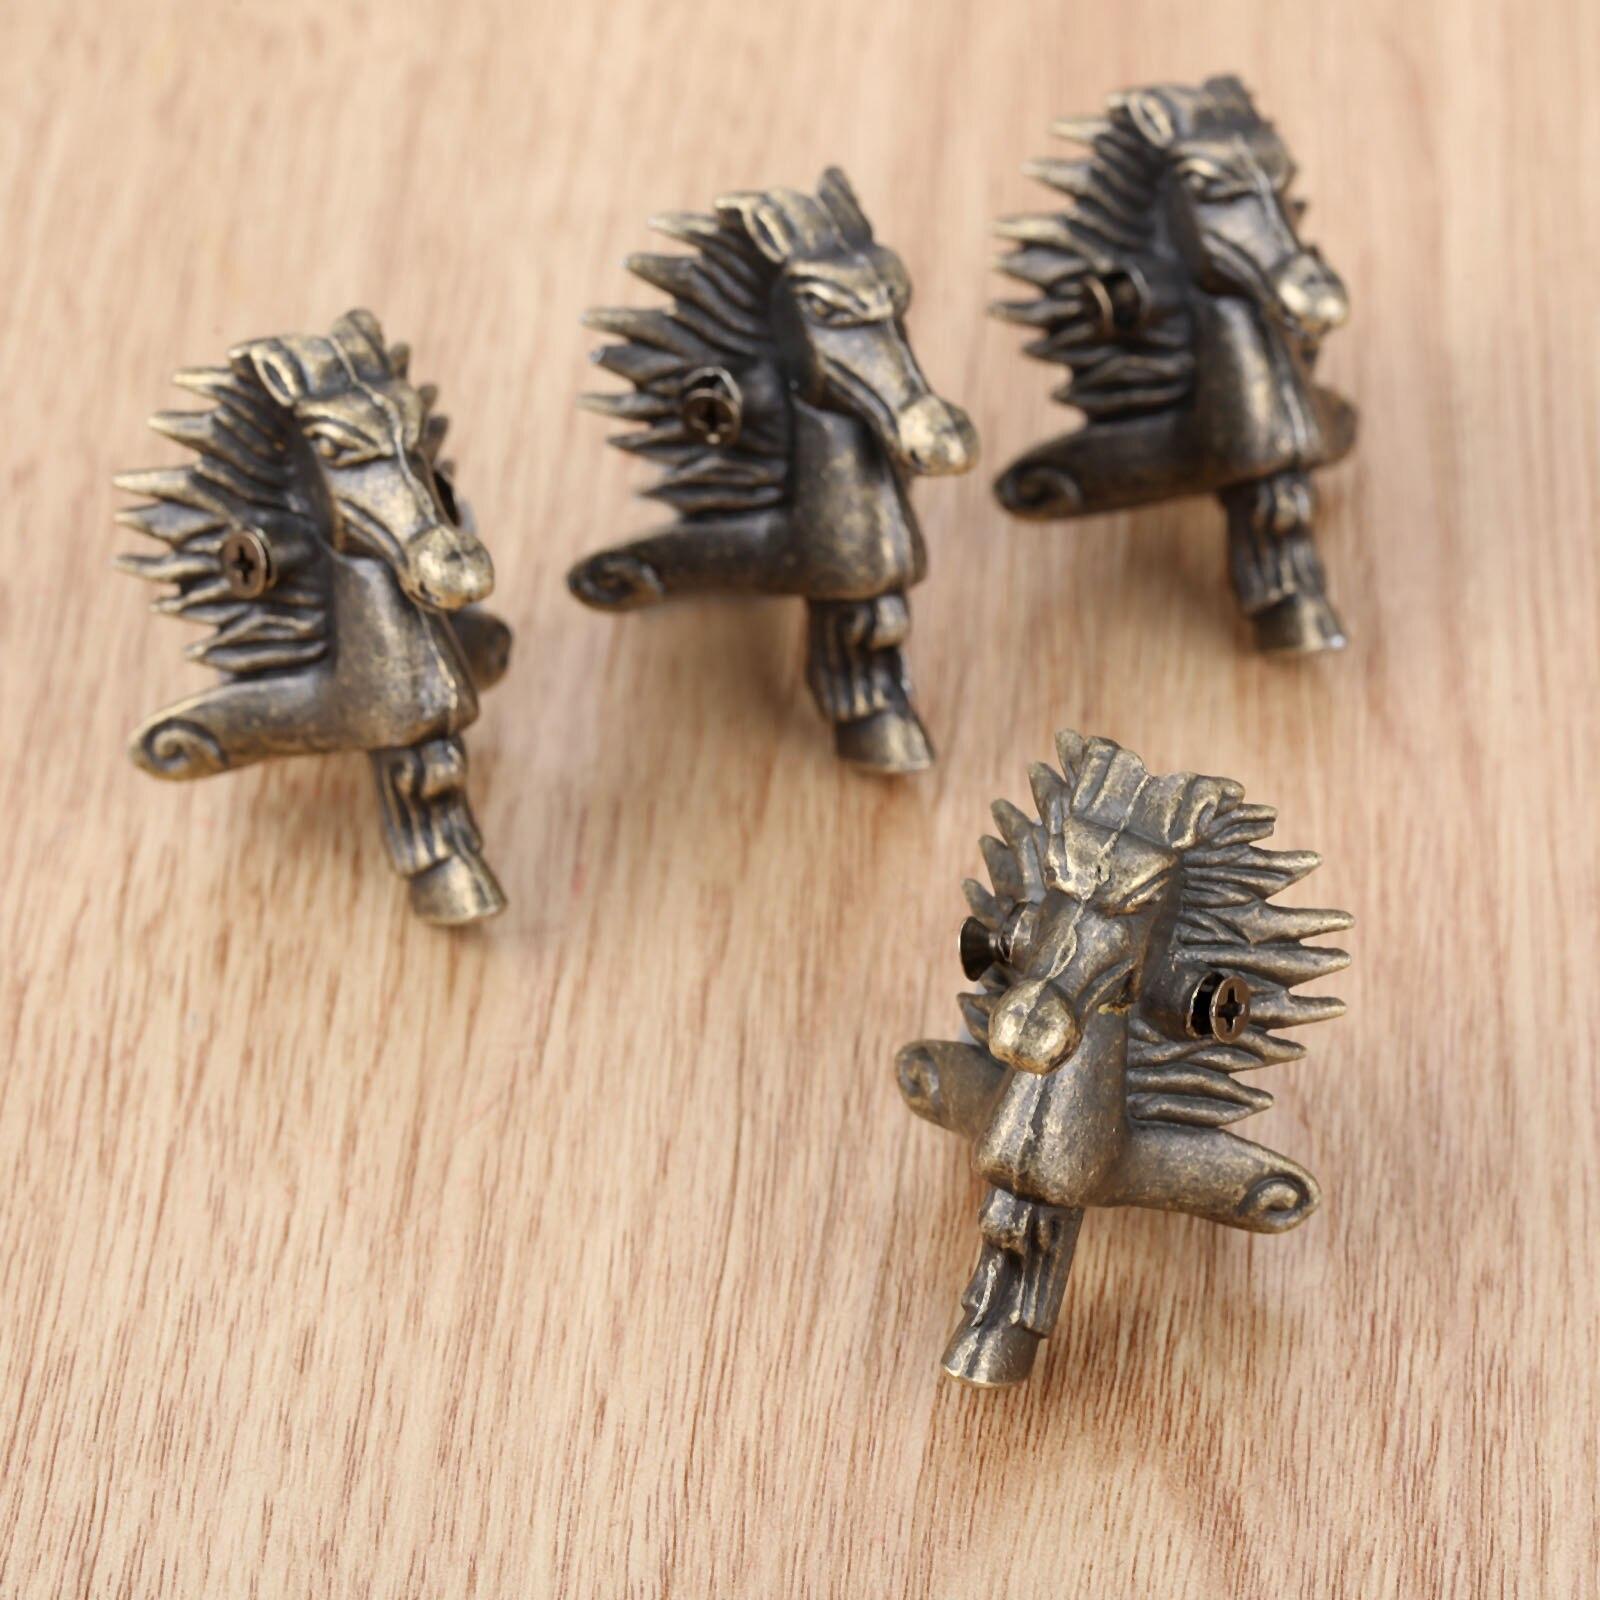 4 Uds cabeza de caballo de bronce antiguo joyería caja de regalo caja de madera pies decorativos Protector de esquina 39*24mm